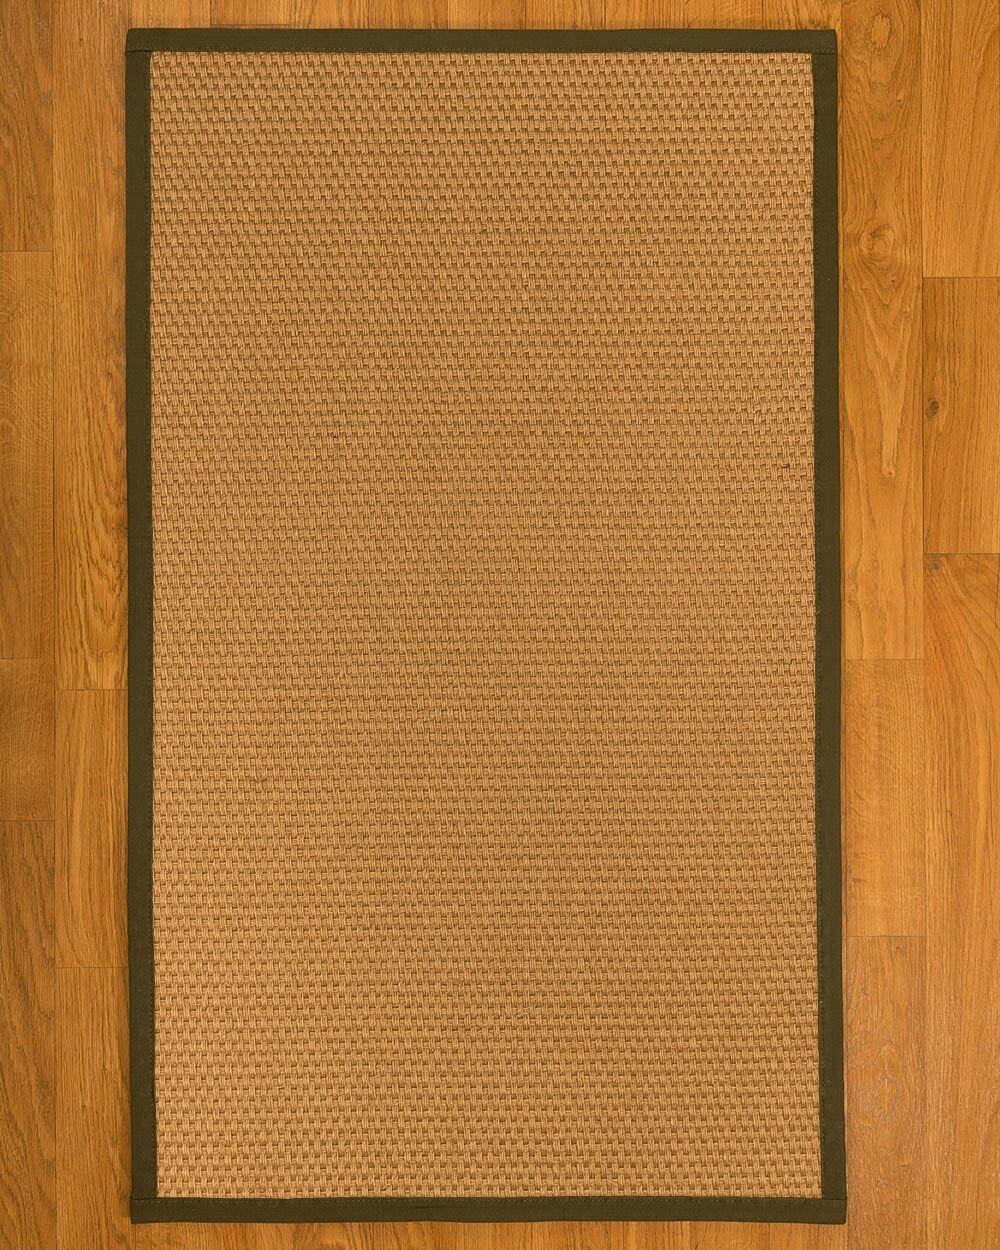 Shauntel Hand-Woven Beige Area Rug Rug Size: Rectangle 8' X 10'